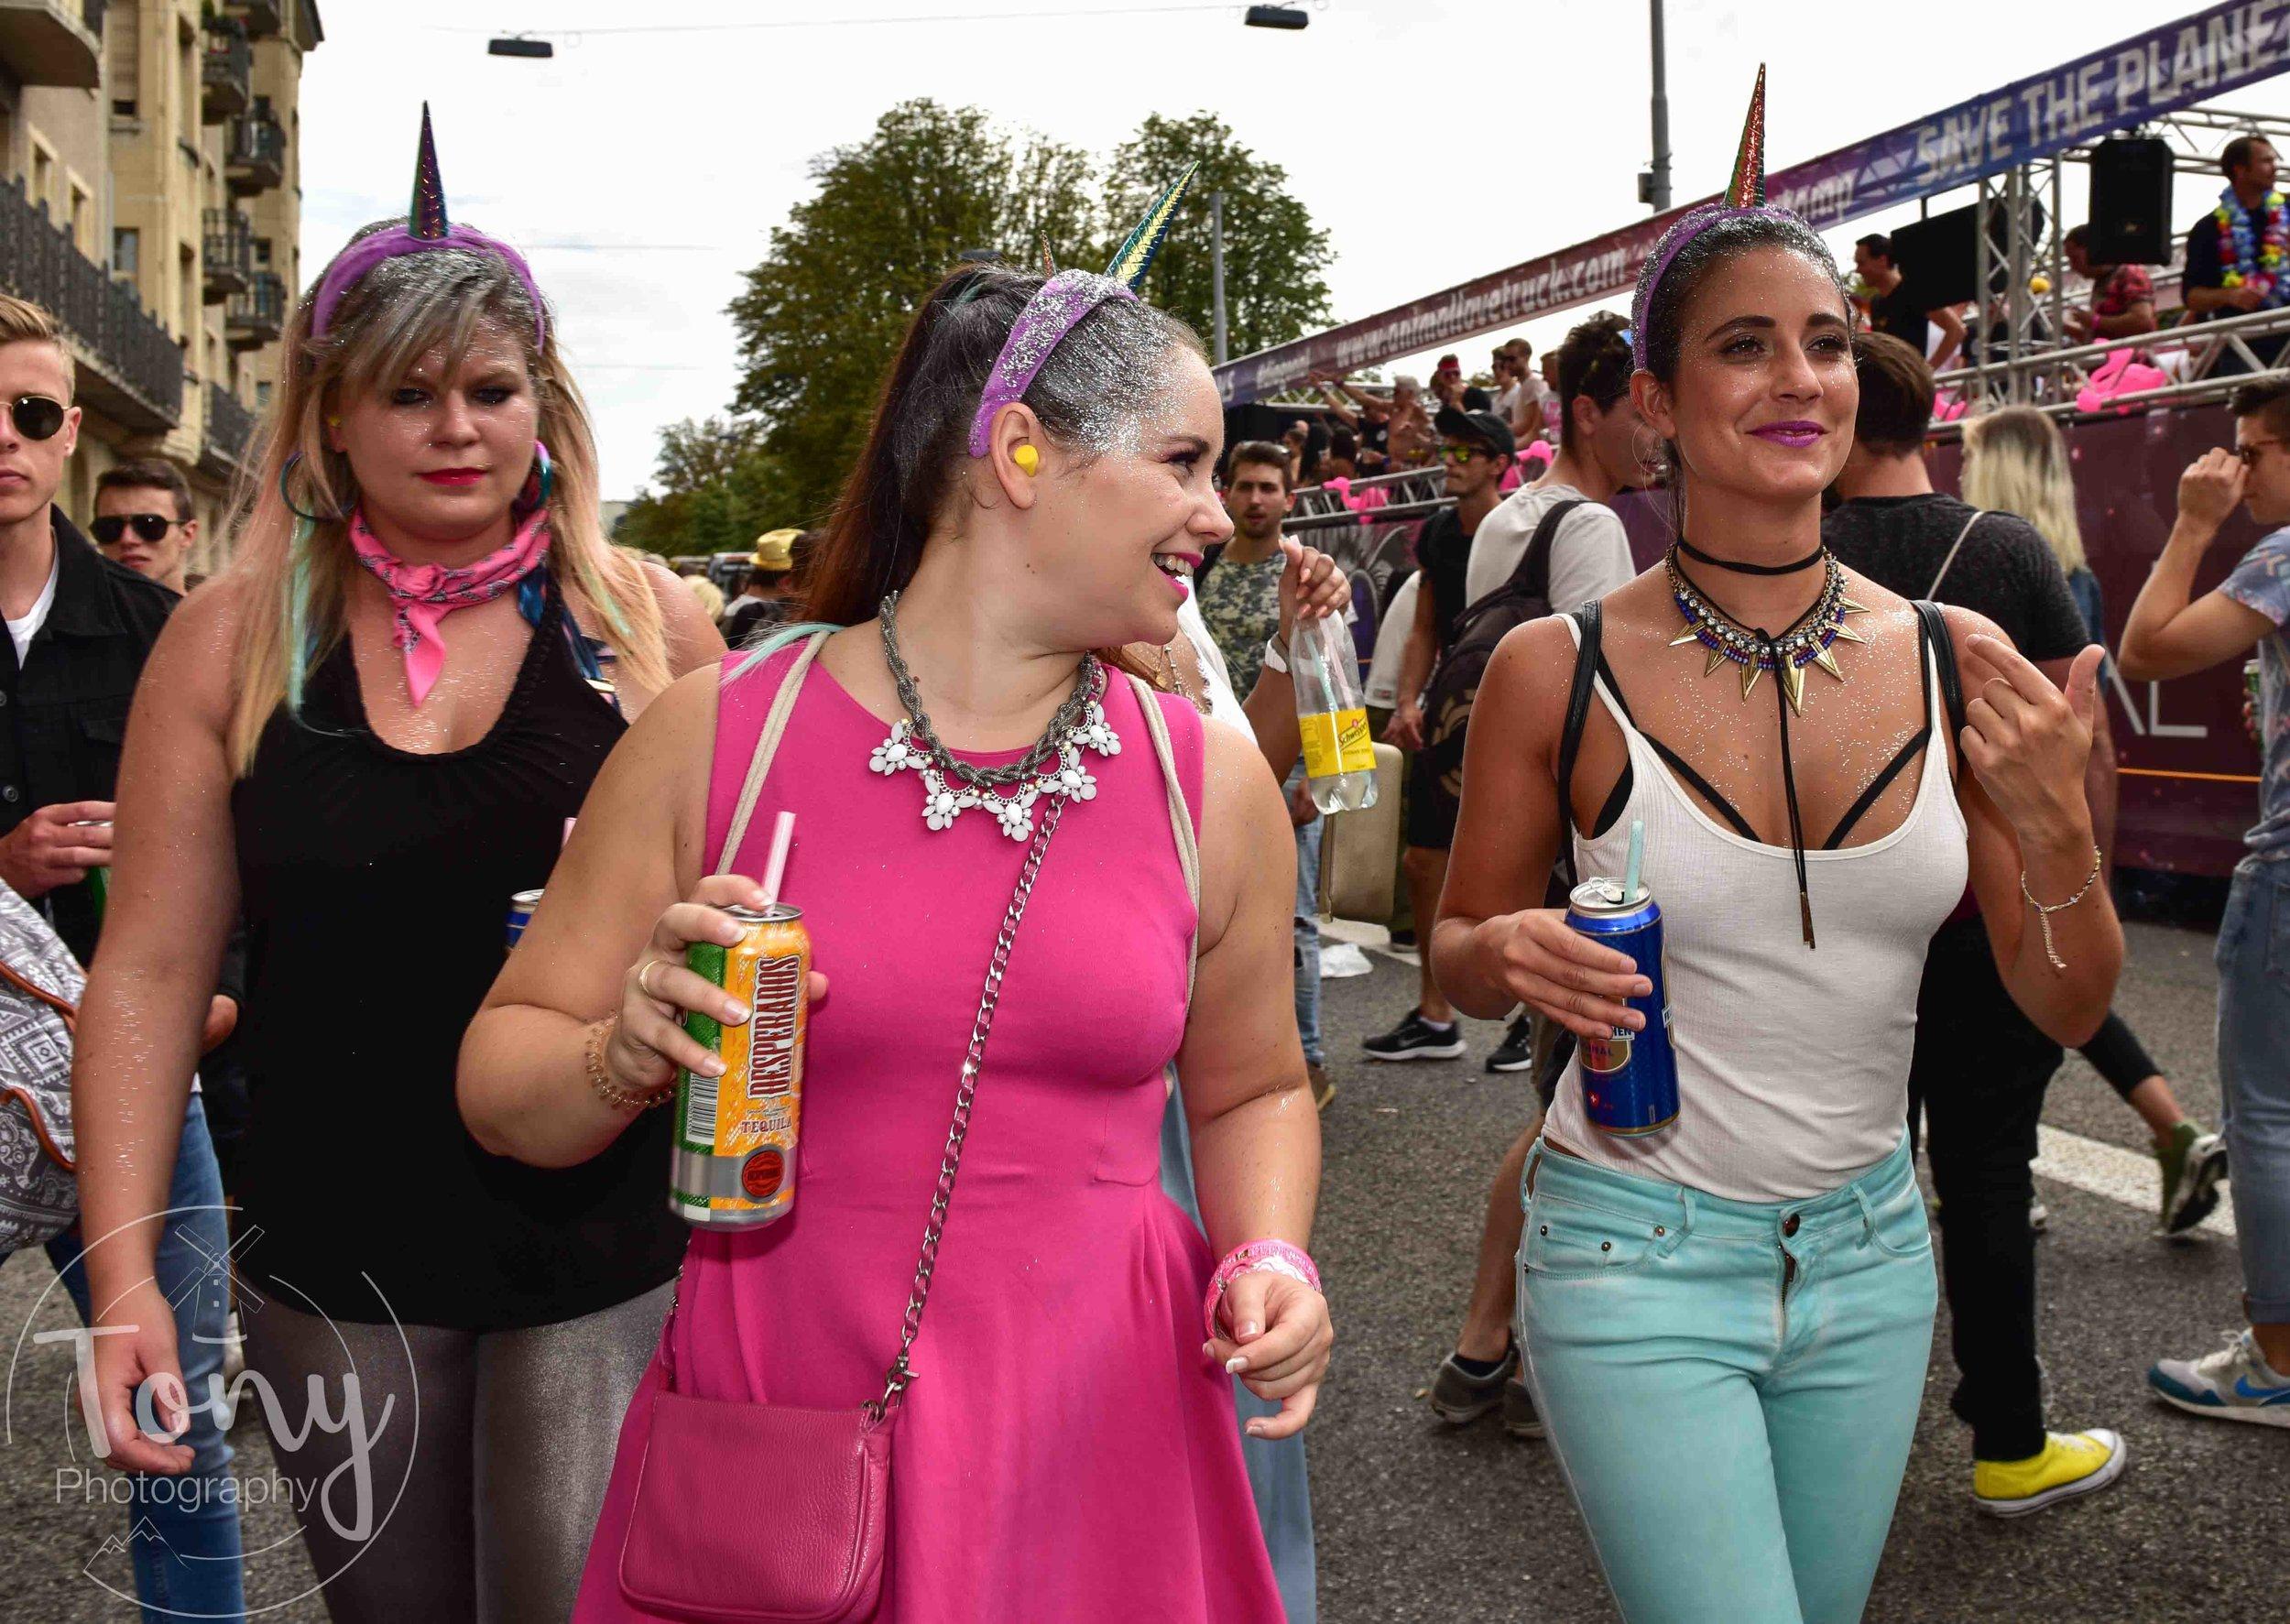 streetparade-87.jpg